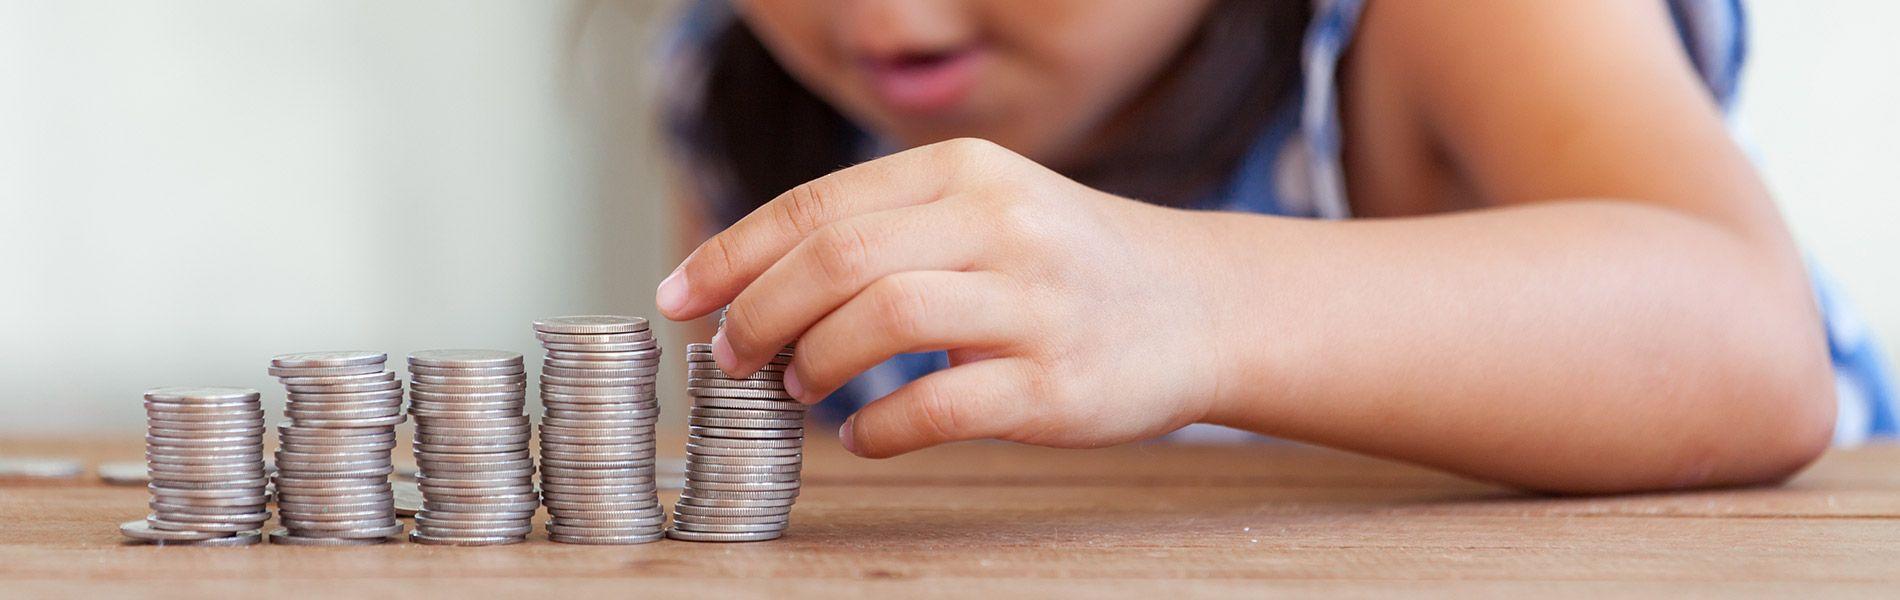 Como cobrar pensão alimentícia atrasada